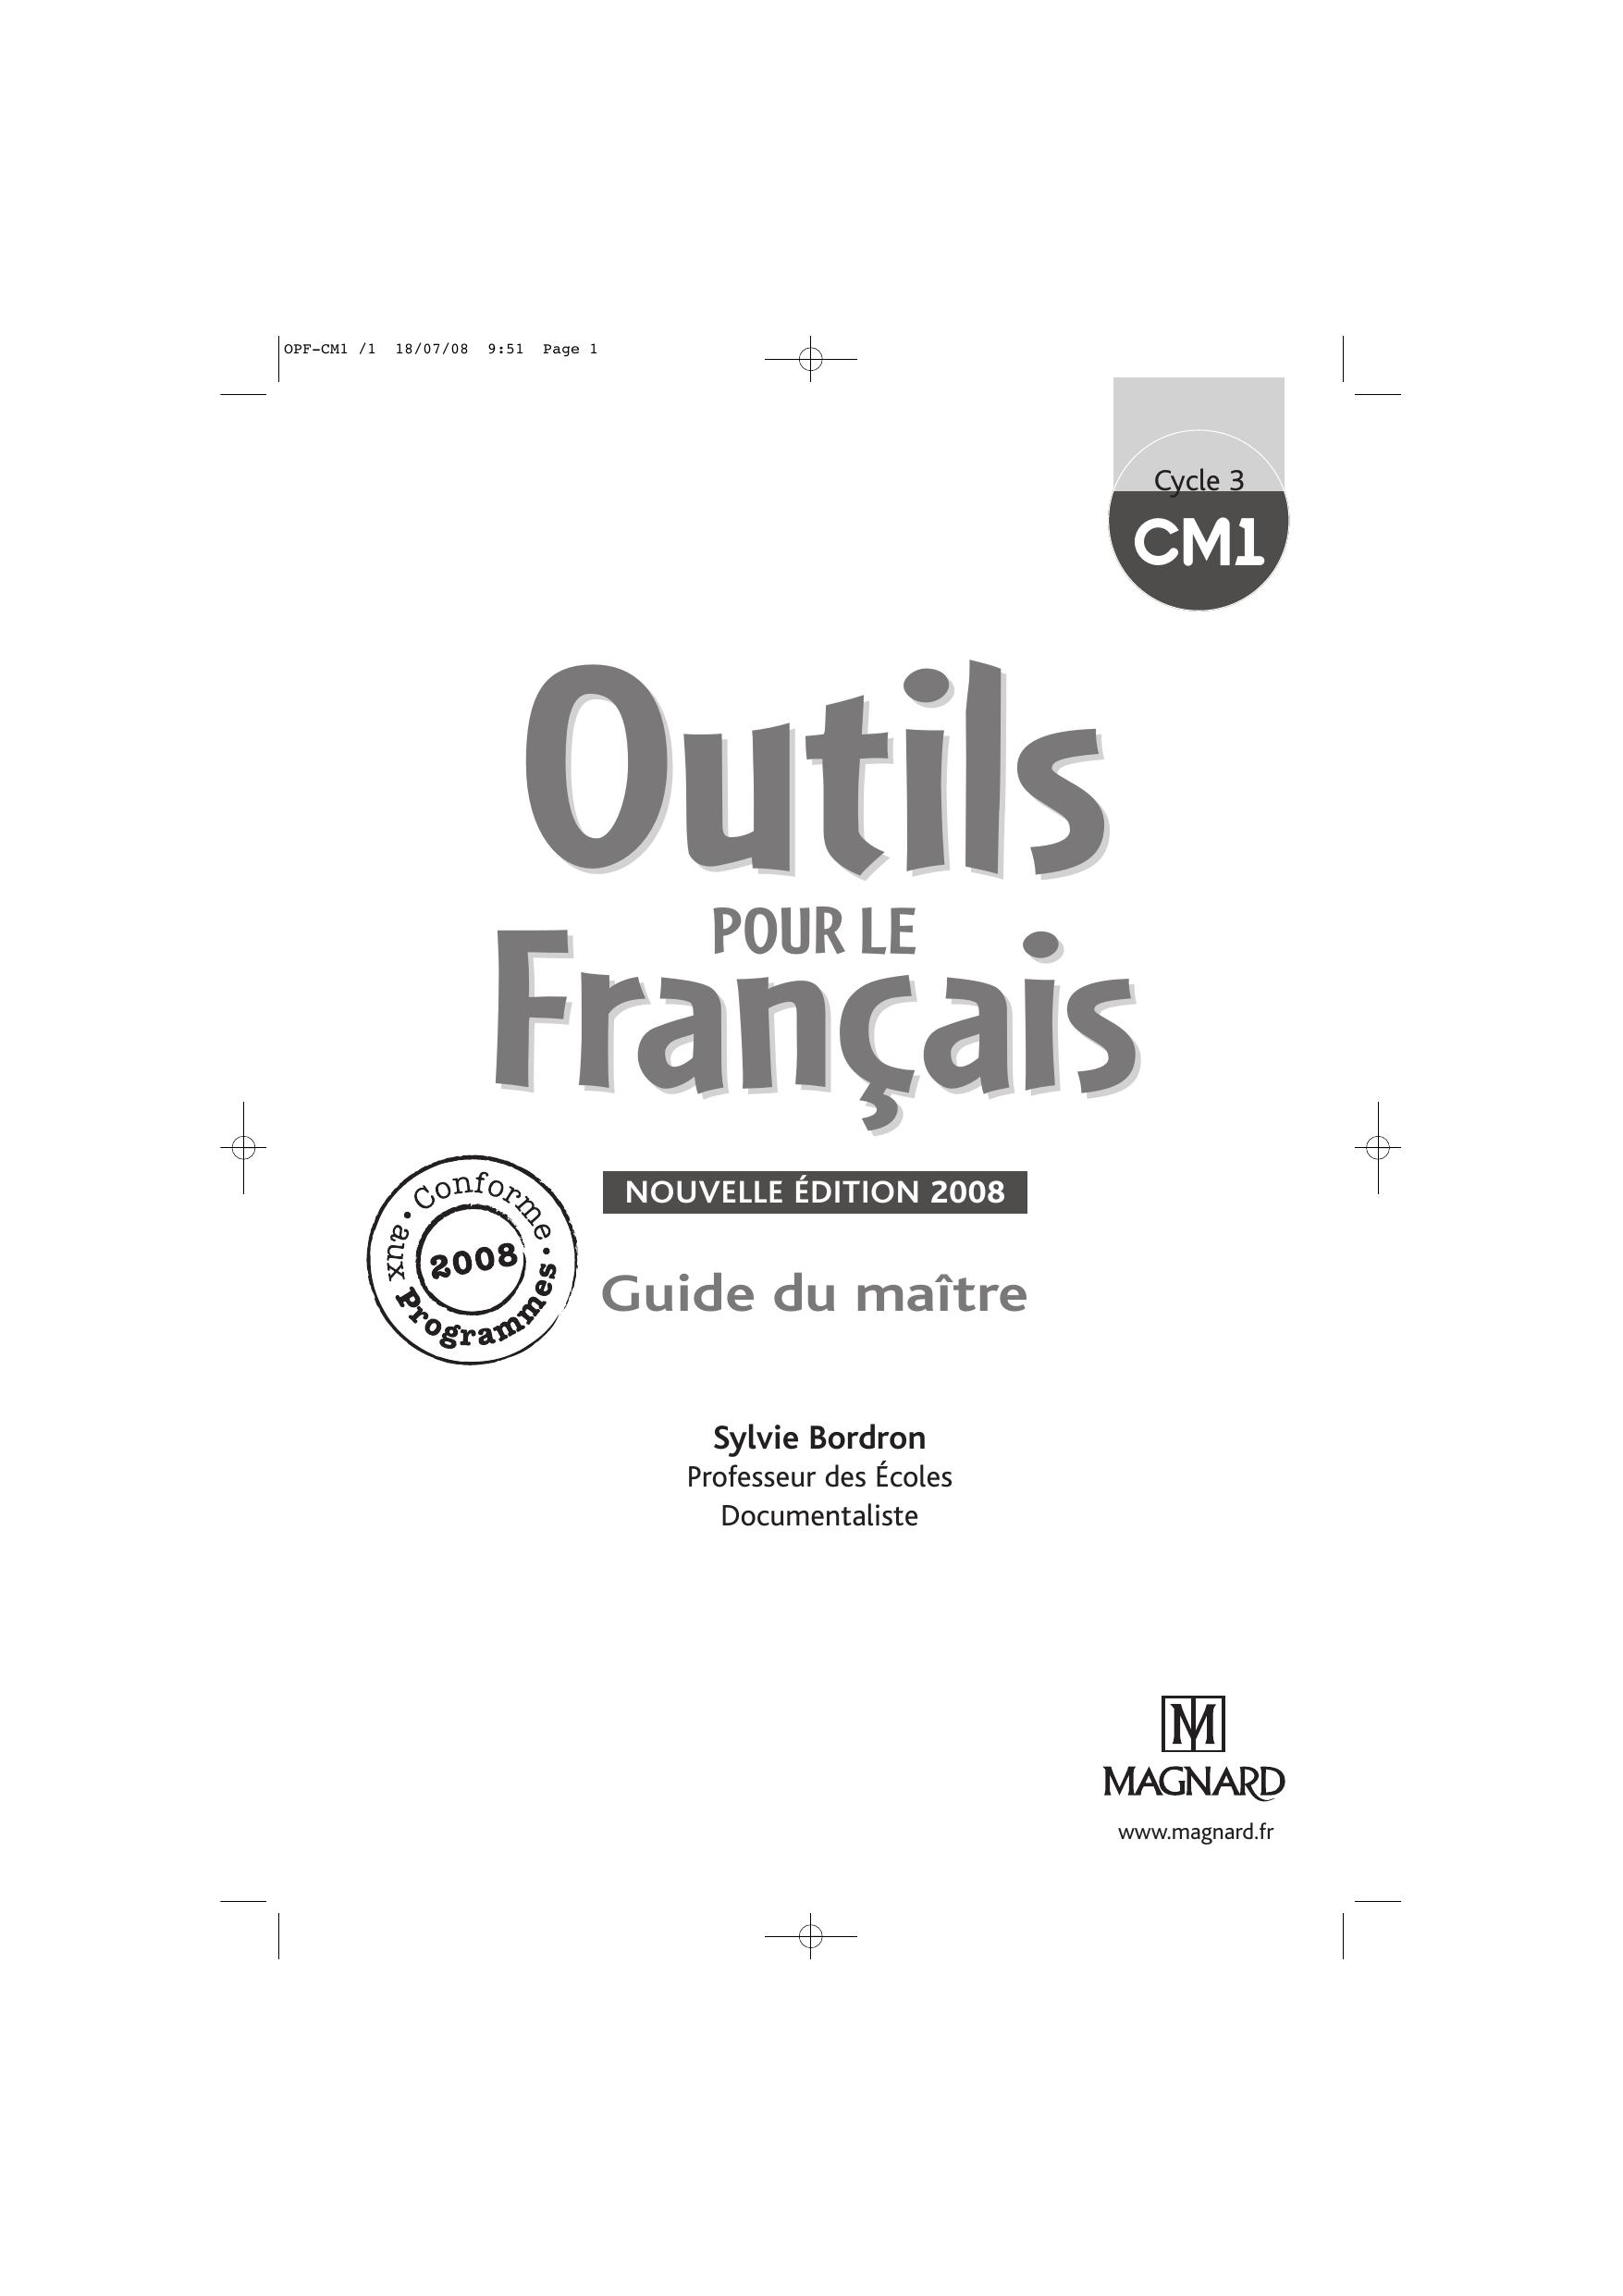 Corrigés Des Exercices - Outils Pour Le Français Cm1 encequiconcerne Exercice Cm2 Gratuit